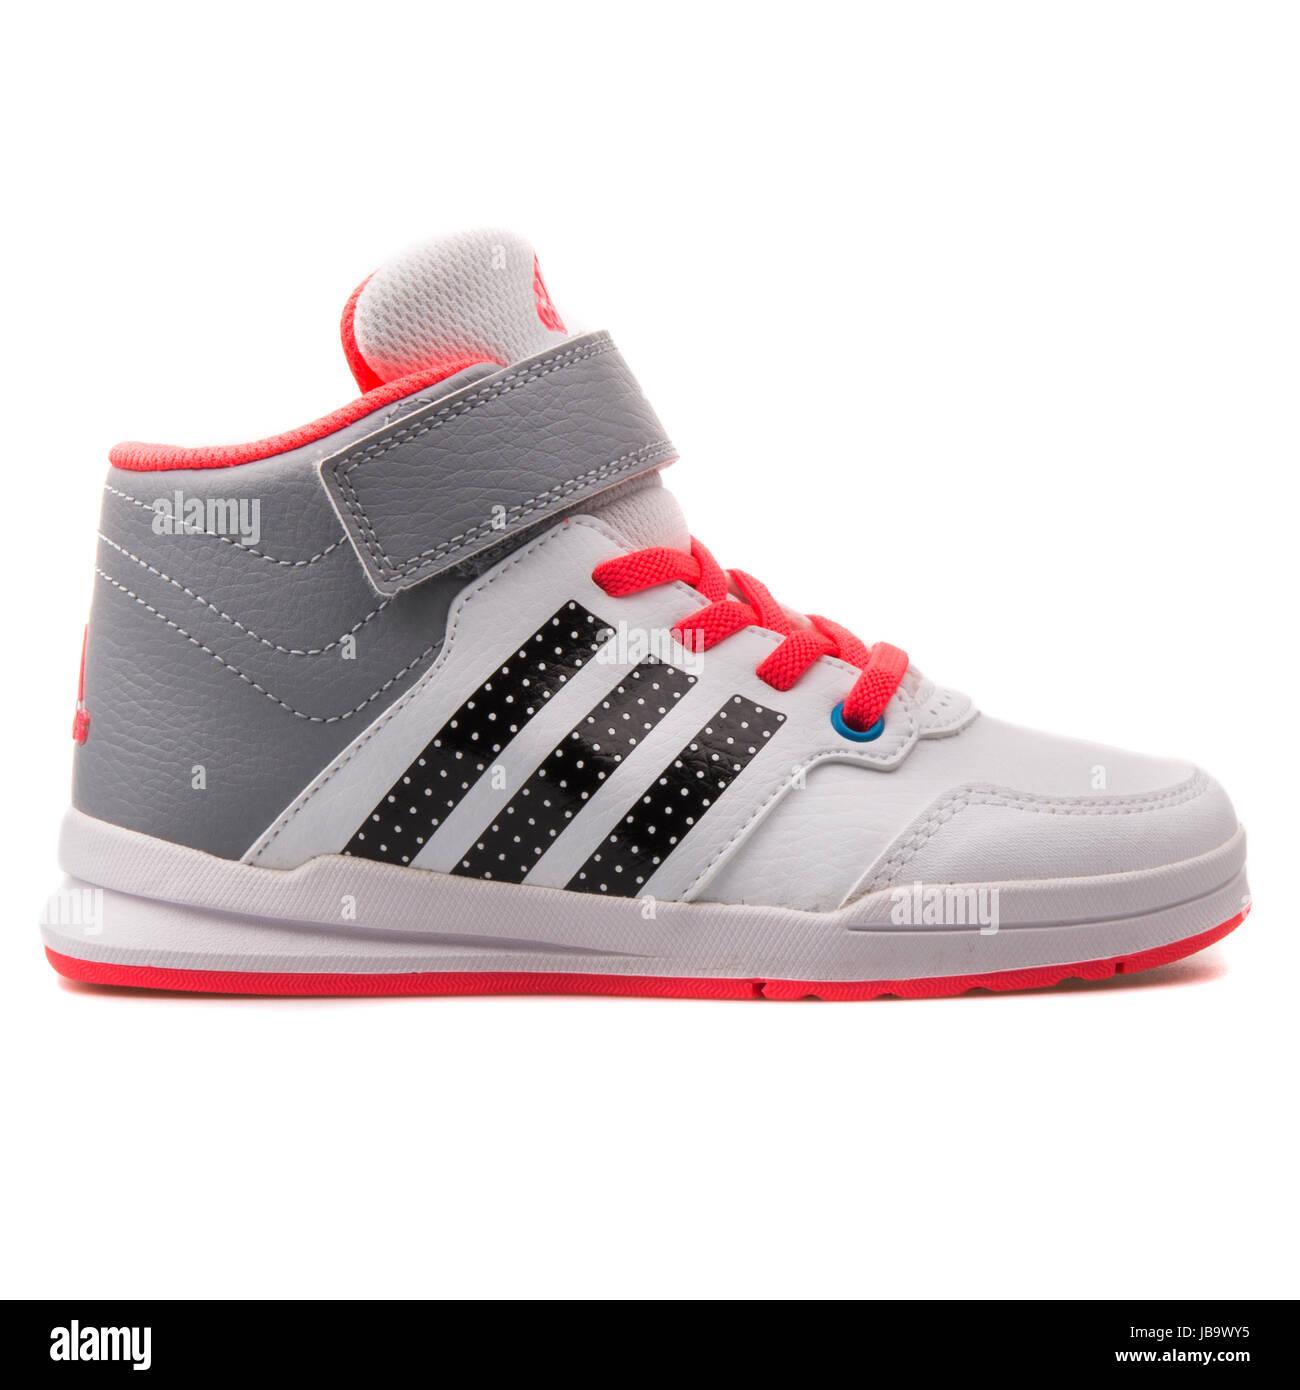 Adidas Jan BS 2 Mitte C weiß, grau und rot Kinder